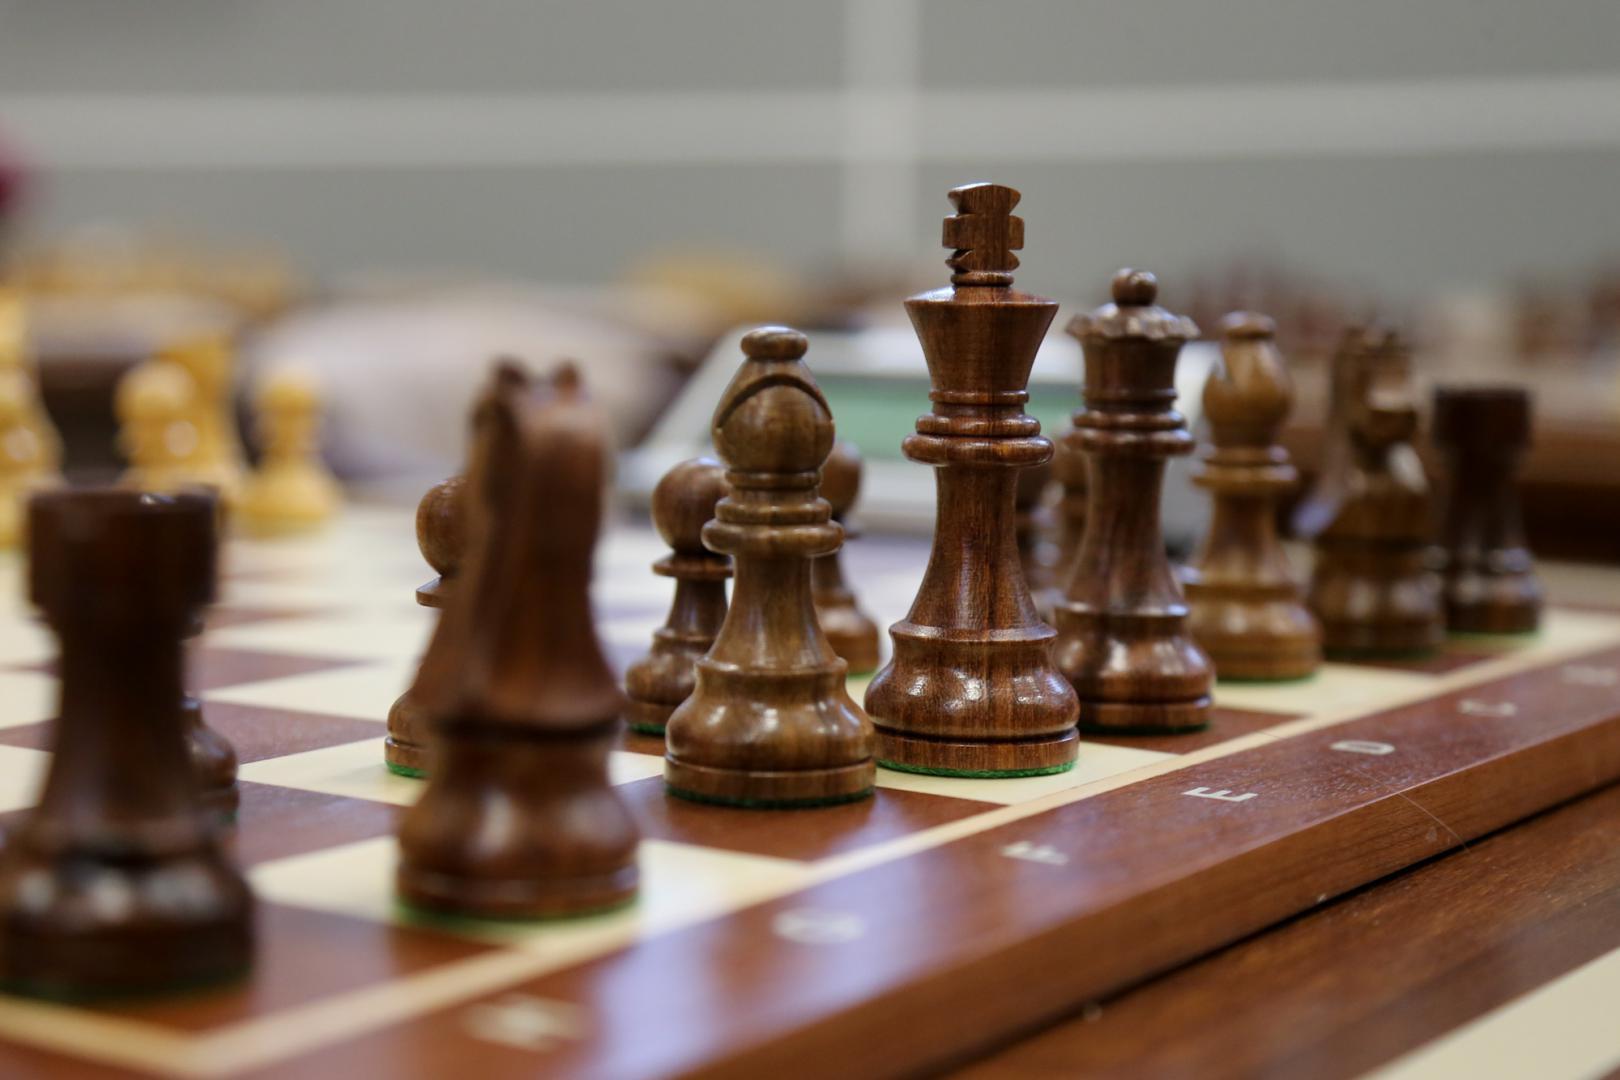 Международный день шахмат фото, 2000 на 1333 пикселей